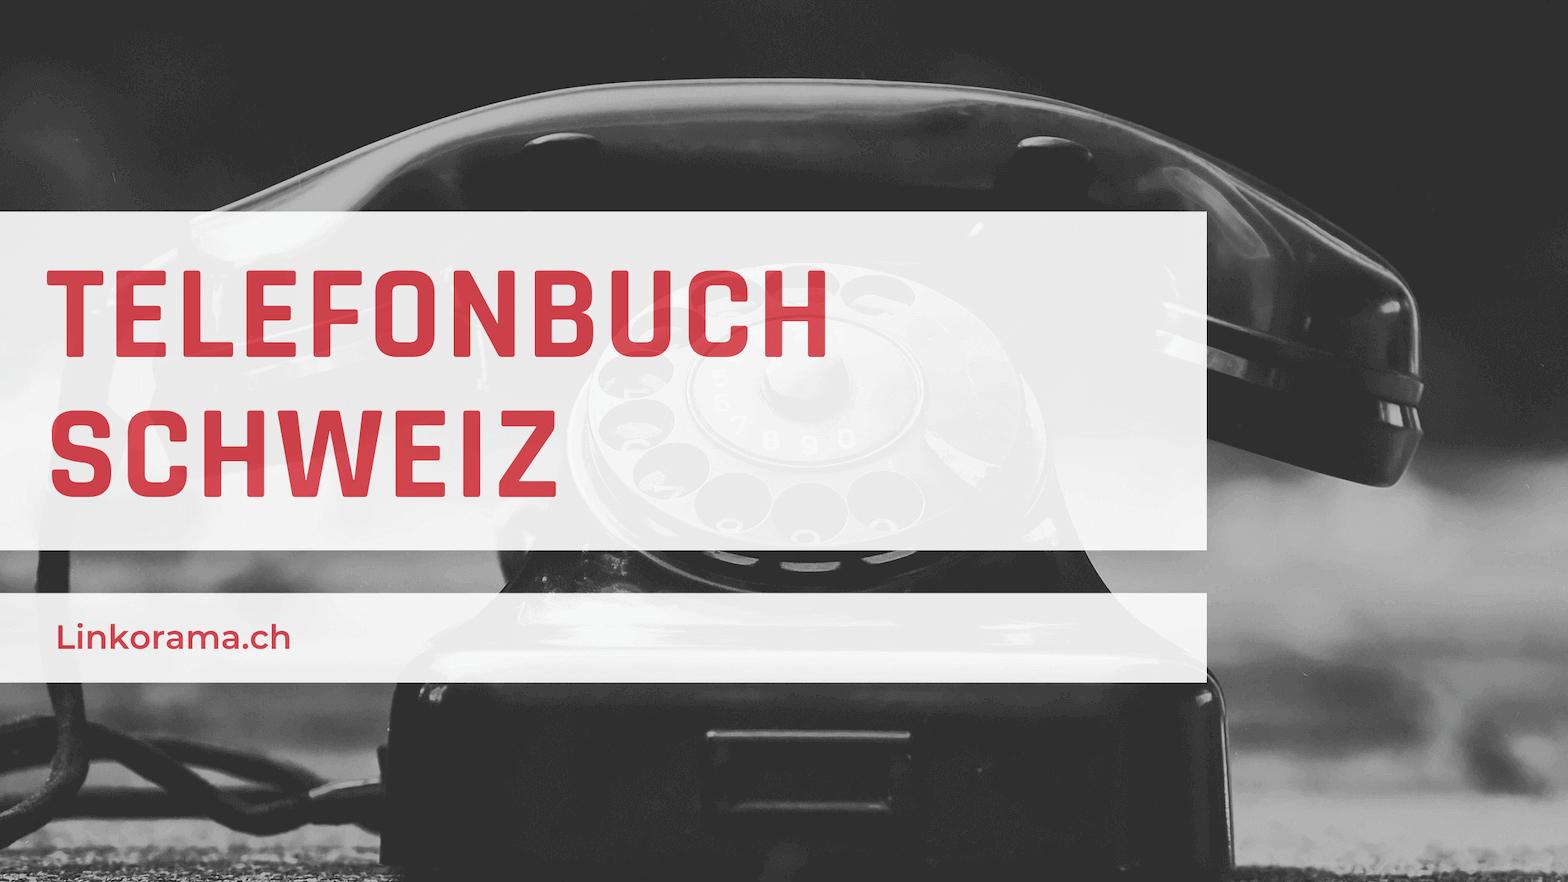 Telefonbuch-Schweiz